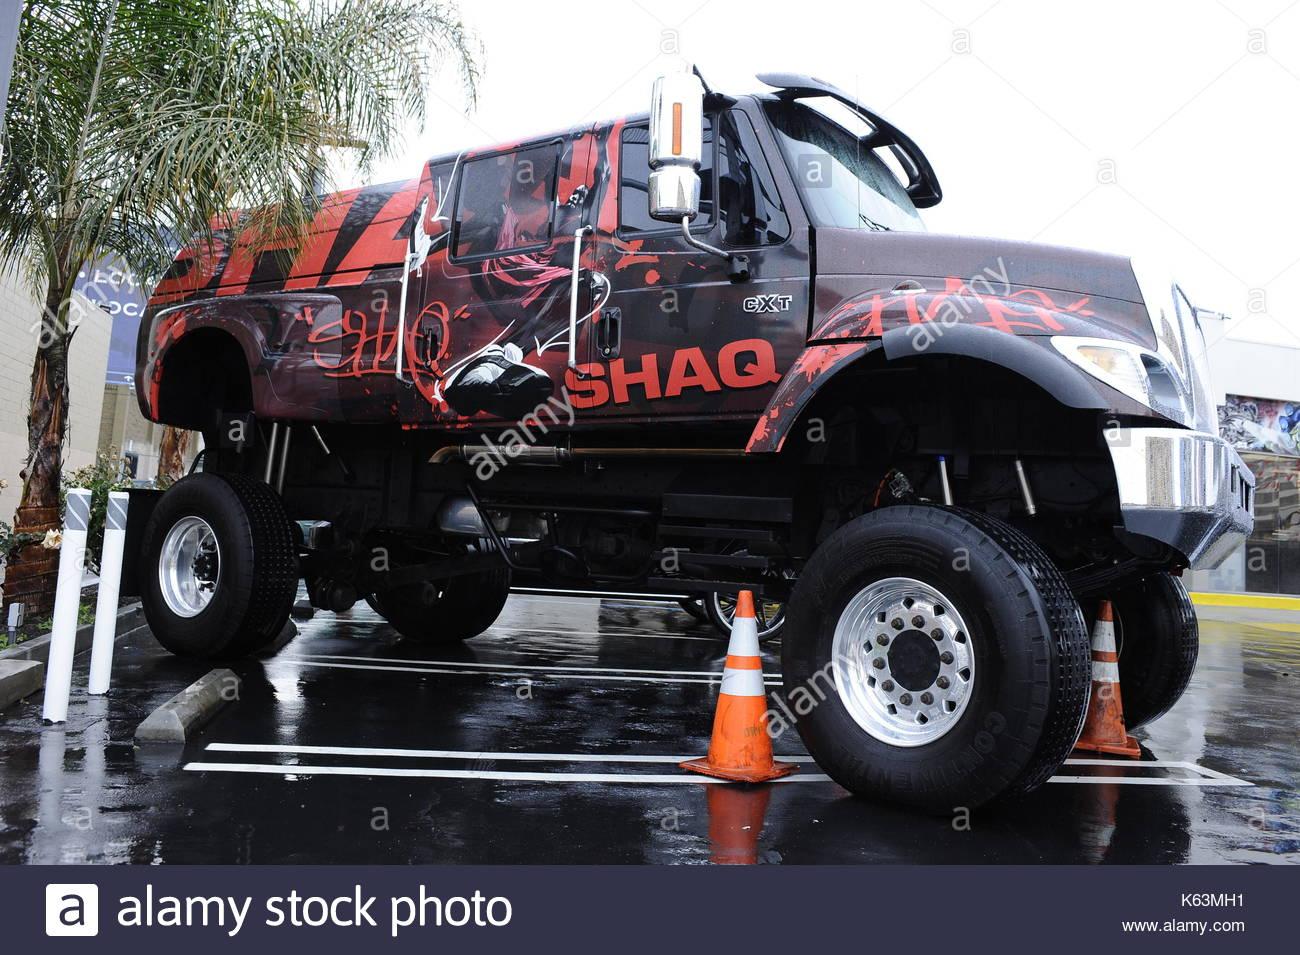 Jake Paul Truck